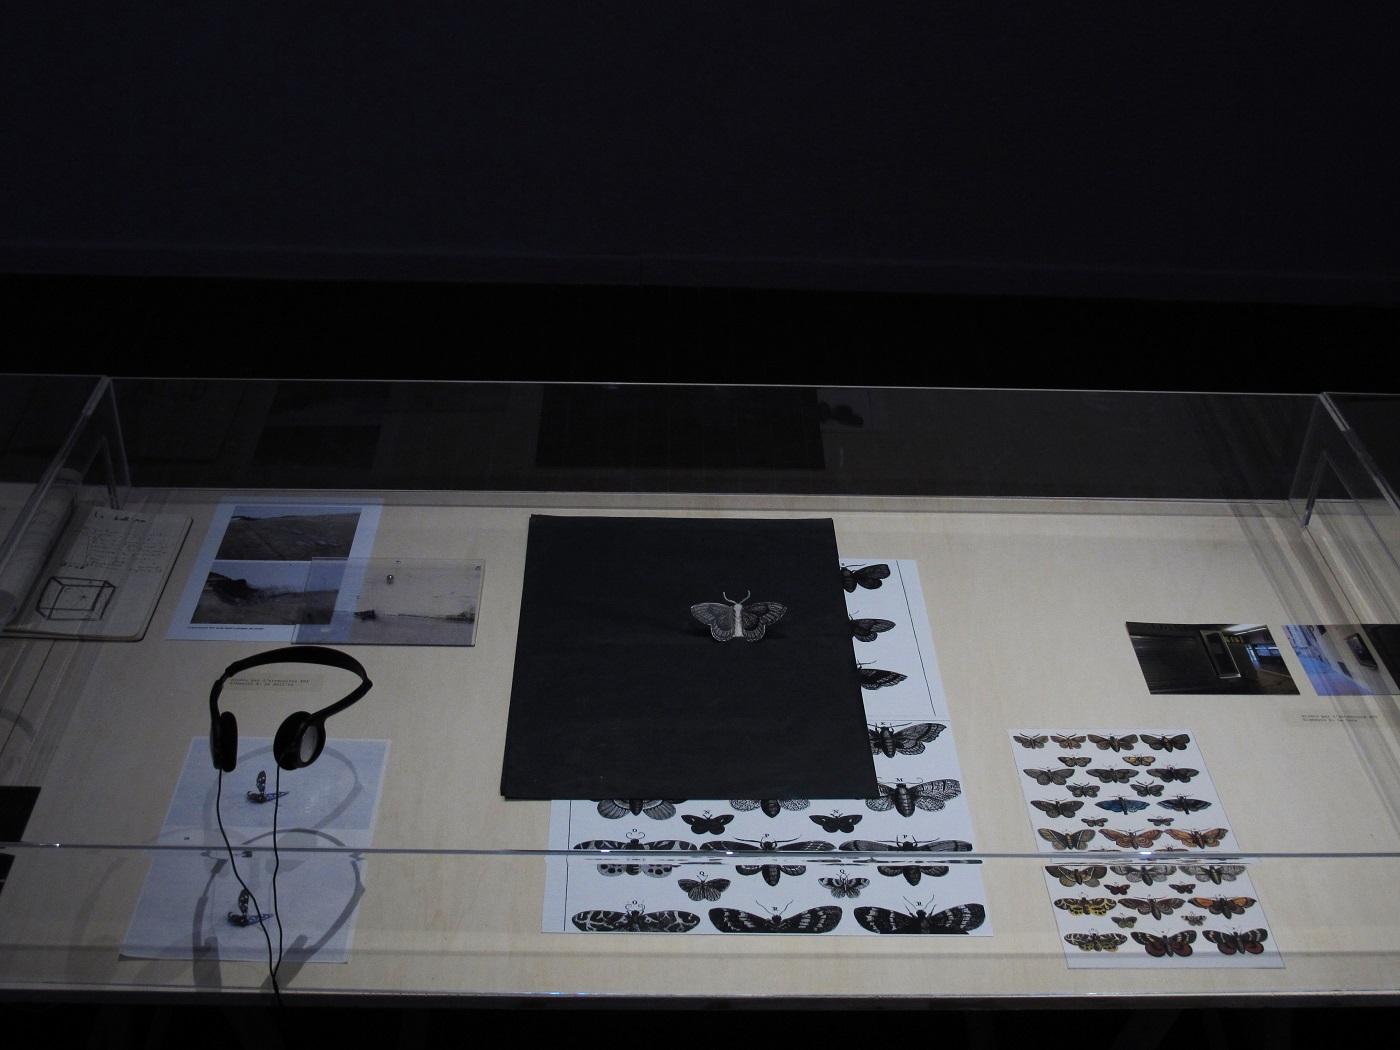 Gianni Moretti, La Bell'ra (studi per un monumento all'attenzione), 2013, progetto, materiali vari su tavolo, dimensioni variabili (dettaglio)